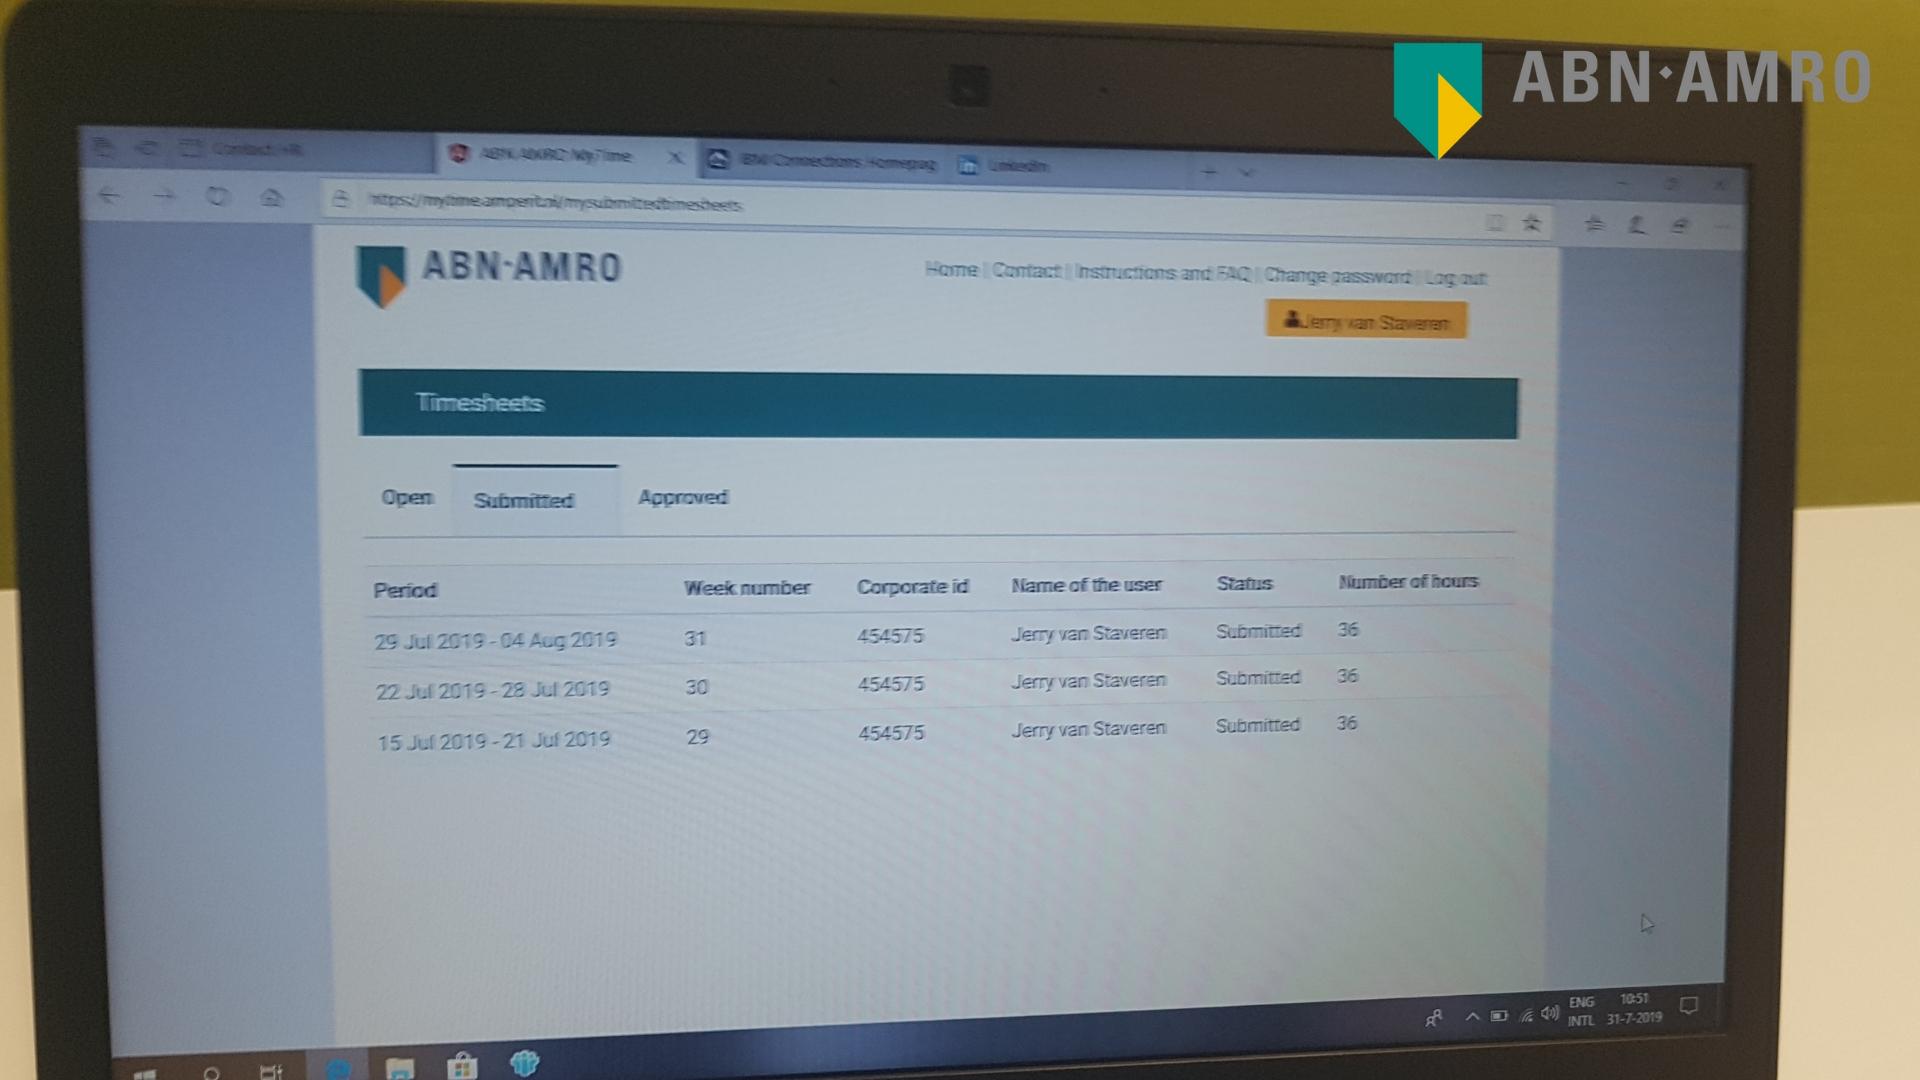 ABN AMRO - Project Senior Implementatie Consultant - Jerry van Staveren 4